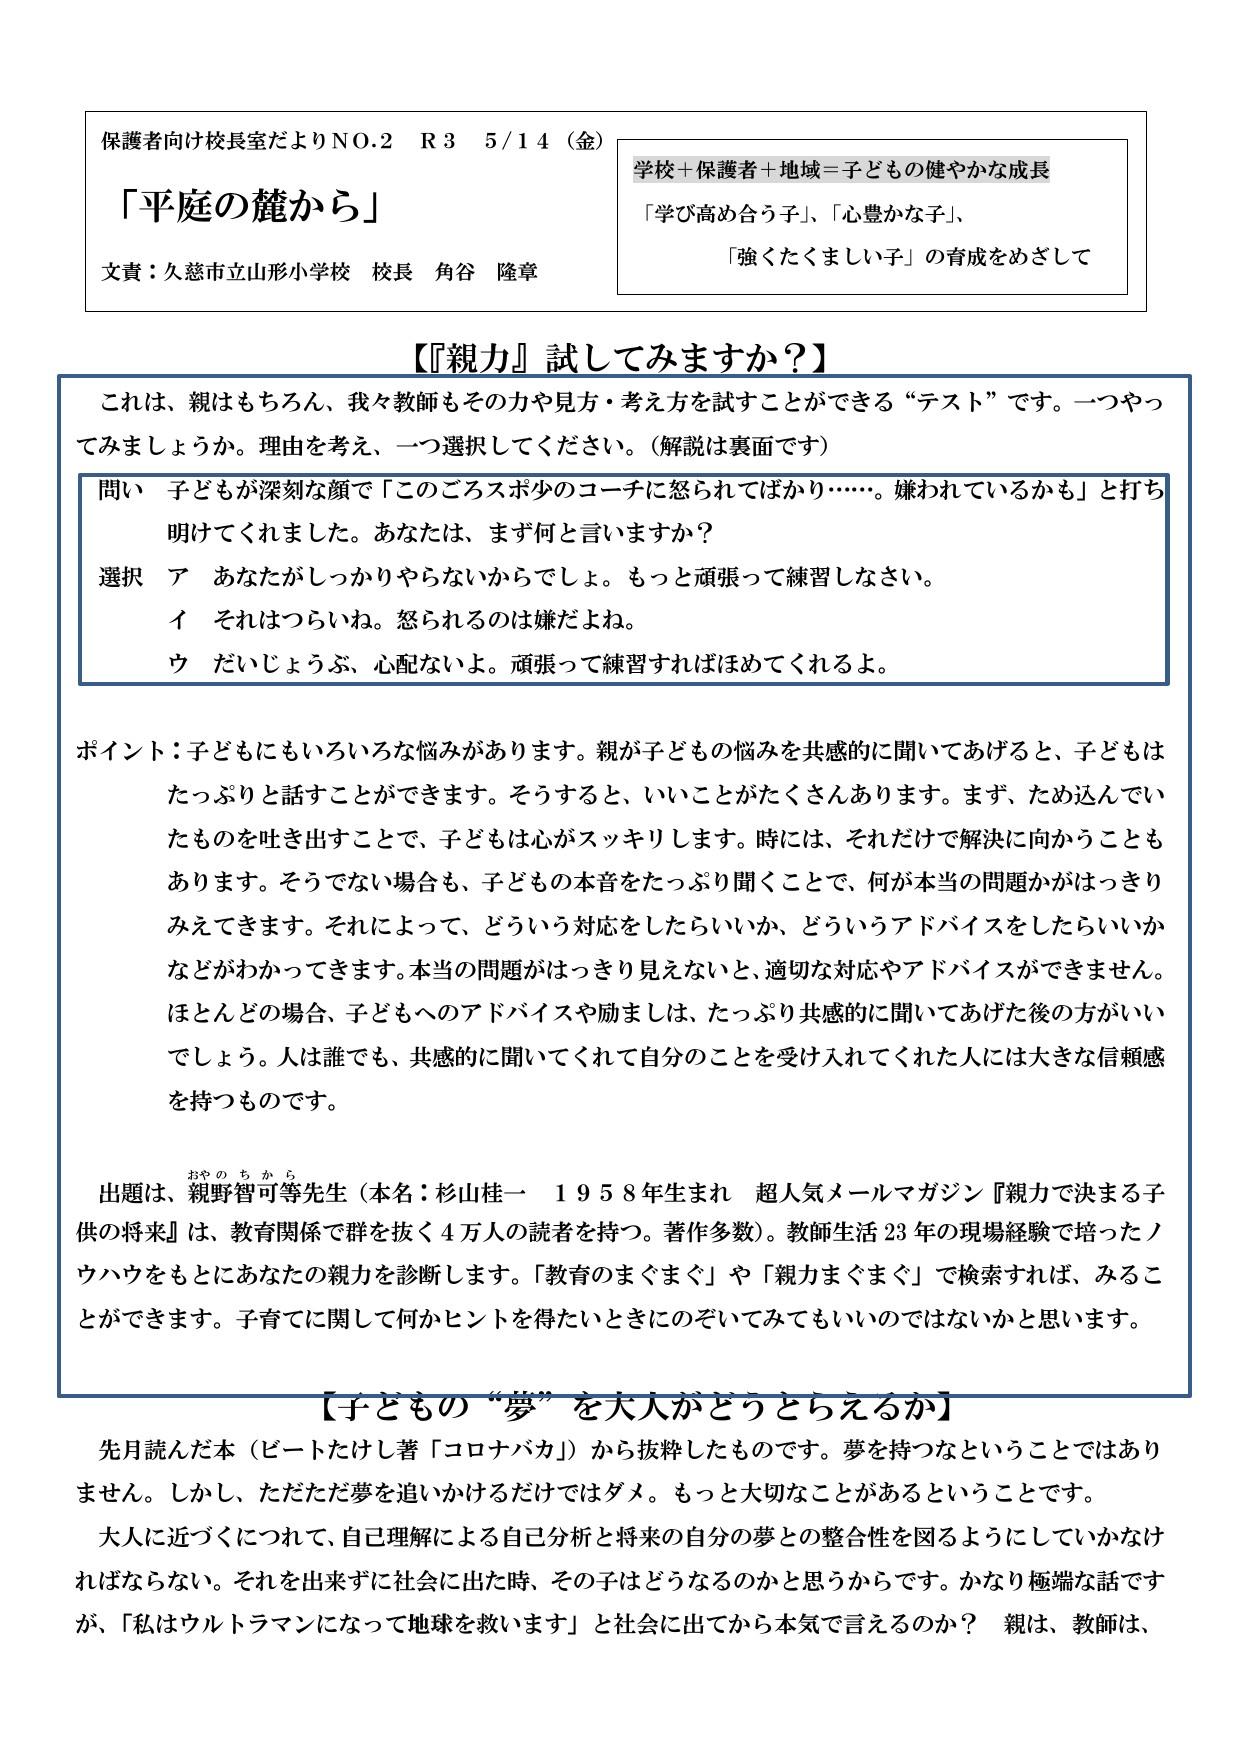 山形小学校校長室だより(令和3年5月14日)1ページ